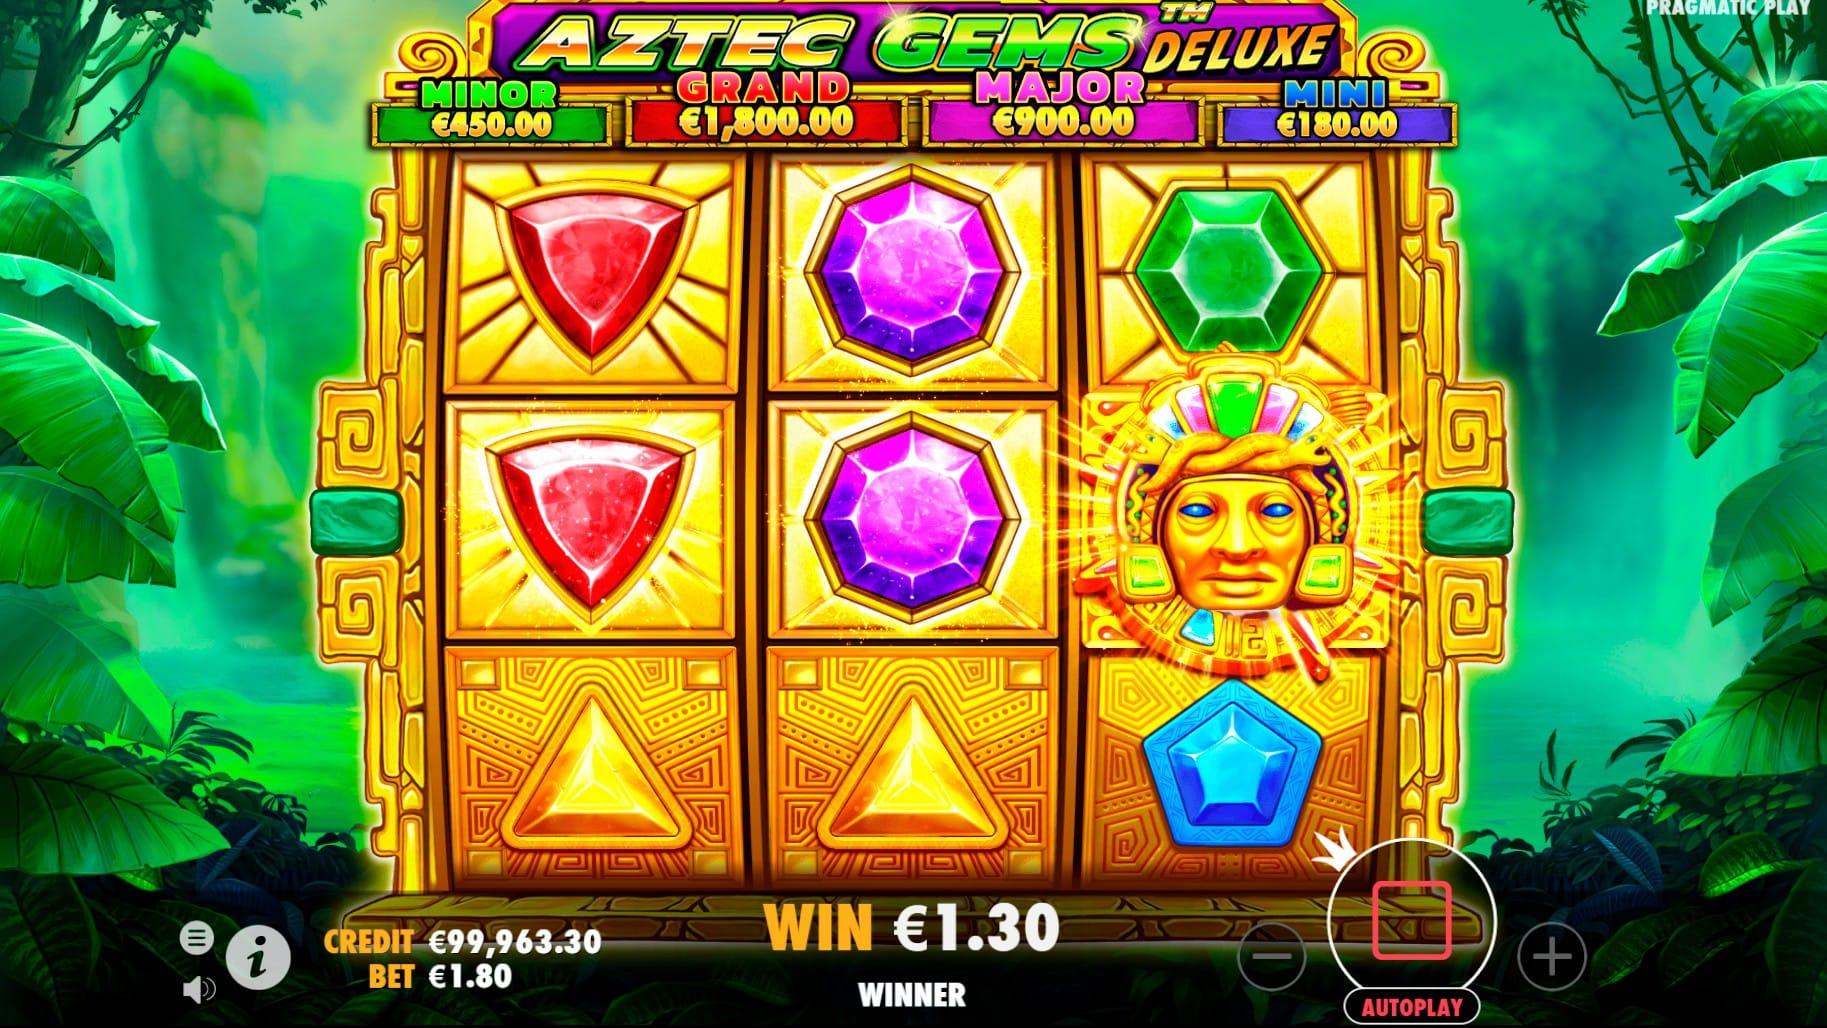 Aztec Gems Deluxe Slot Games